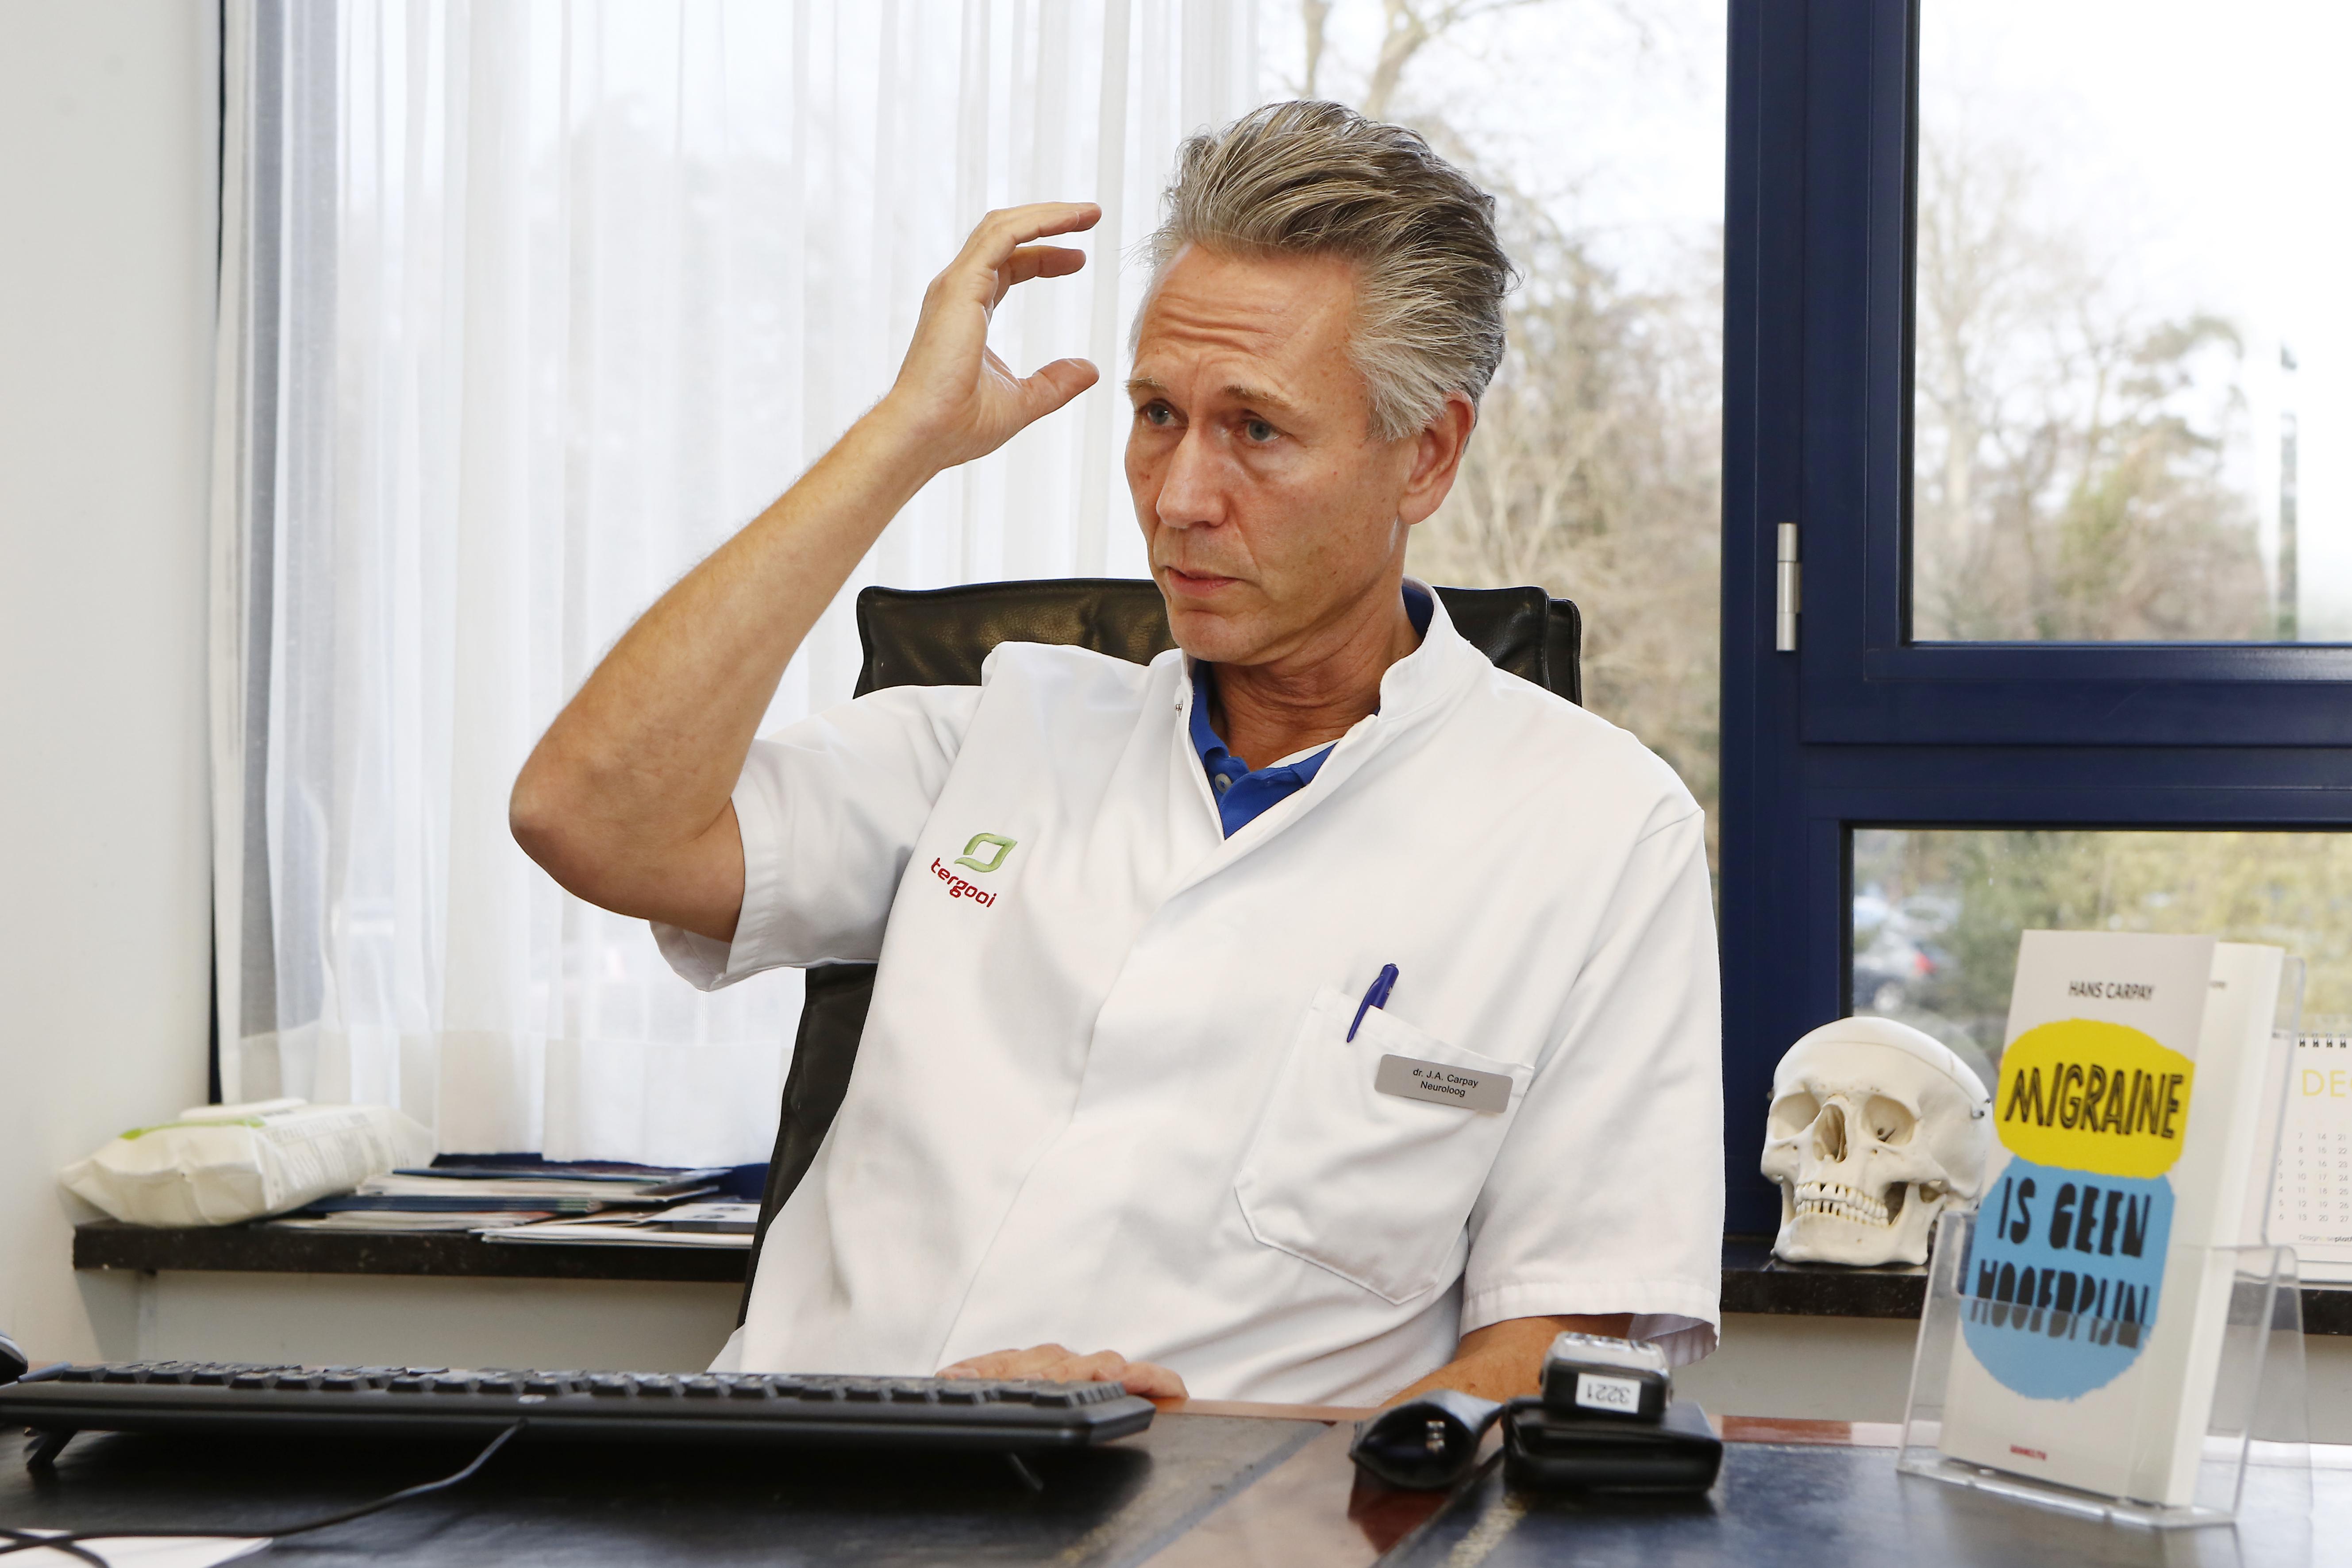 Je krijgt het niet van rode wijn of te hard werken. Neuroloog Hans Carpay van Tergooi rekent af met de onzin over migraine. 'Het is geen zeuren, het is een hersenziekte'